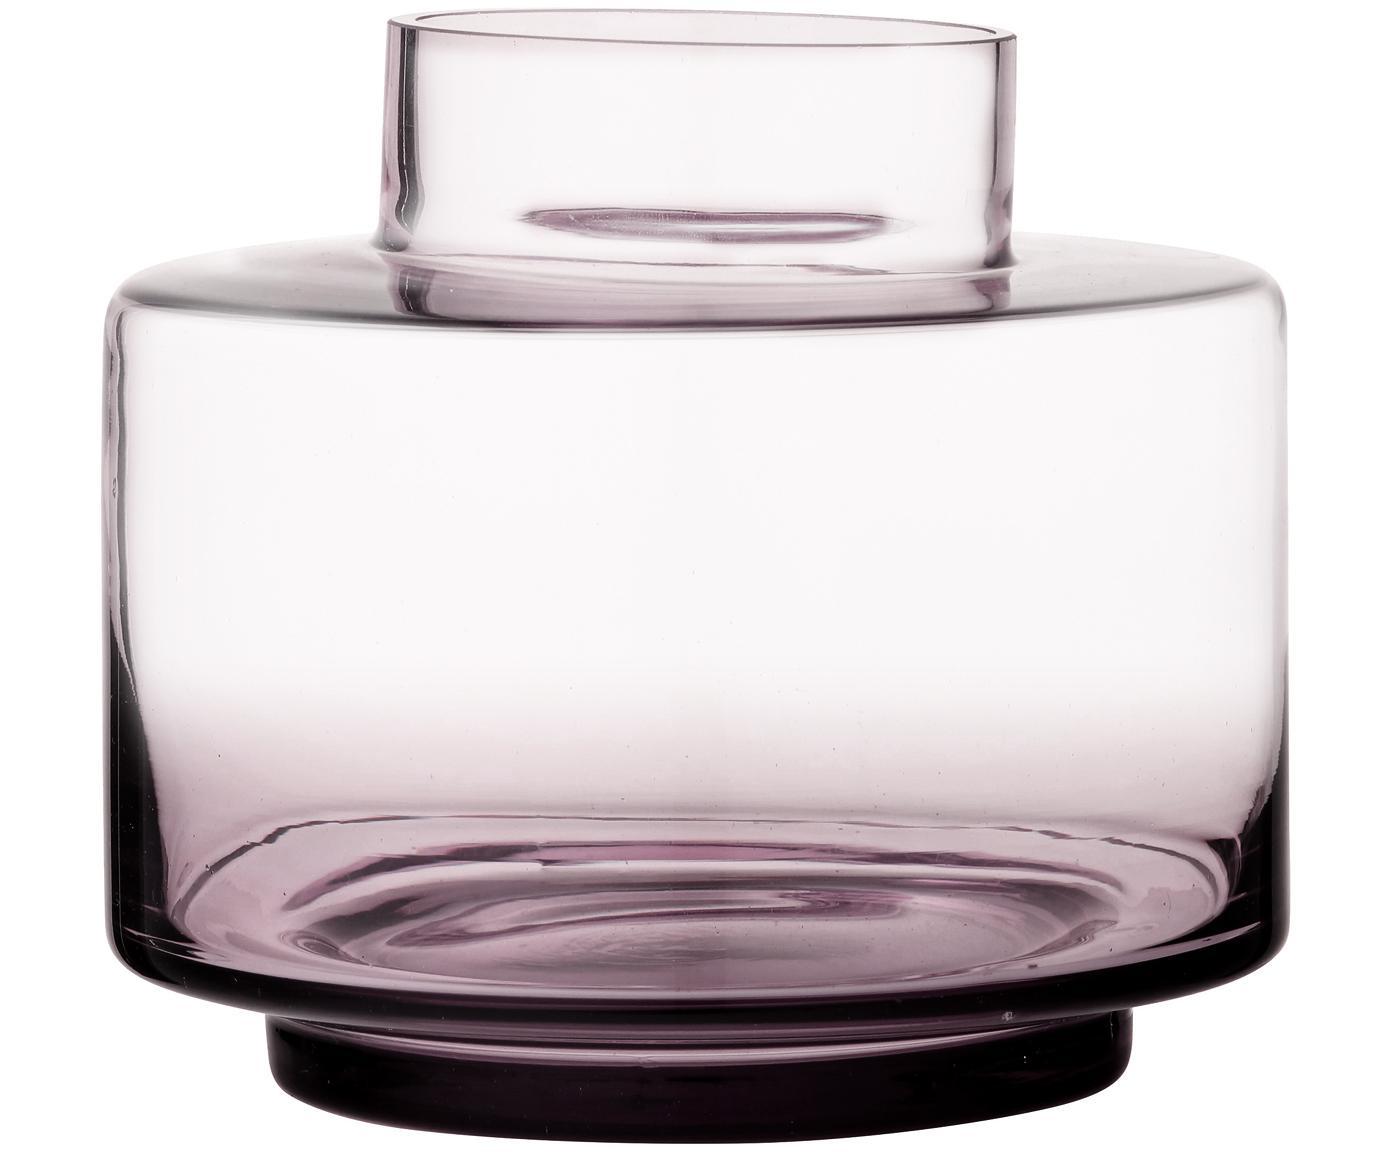 Mały wazon ze szkła dmuchanego Hedria, Szkło, Różowy, transparentny, Ø 18 x W 16 cm